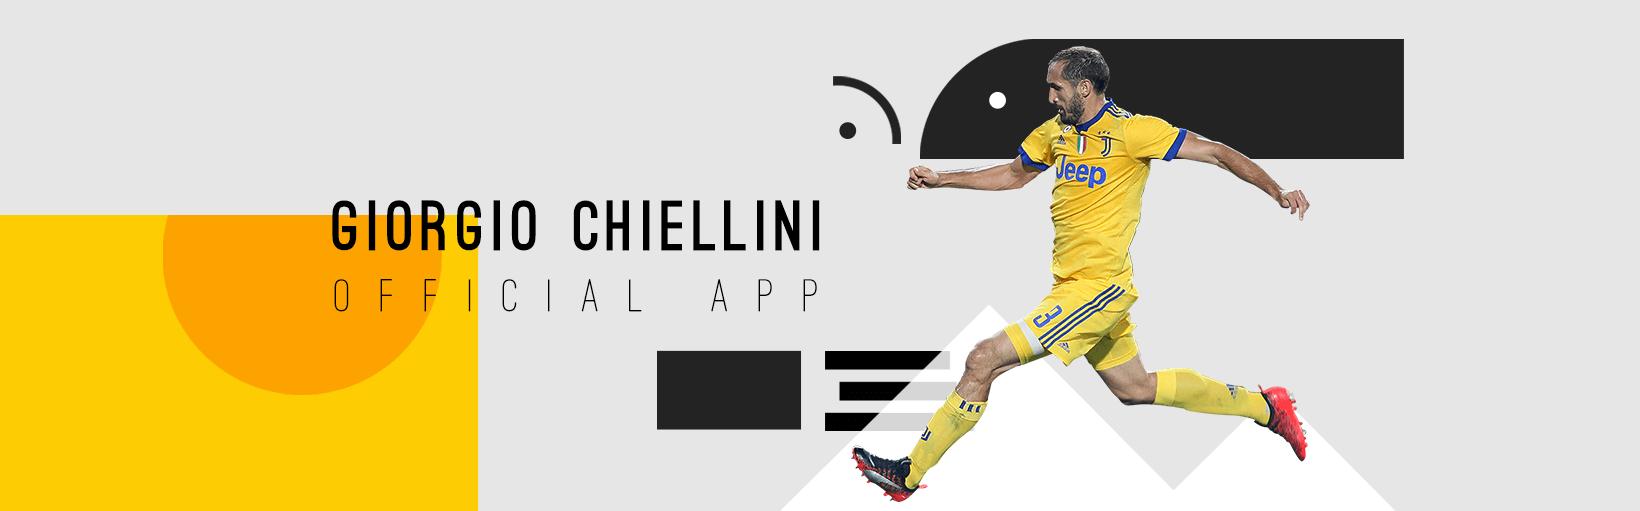 Giorgio Chiellini Official App